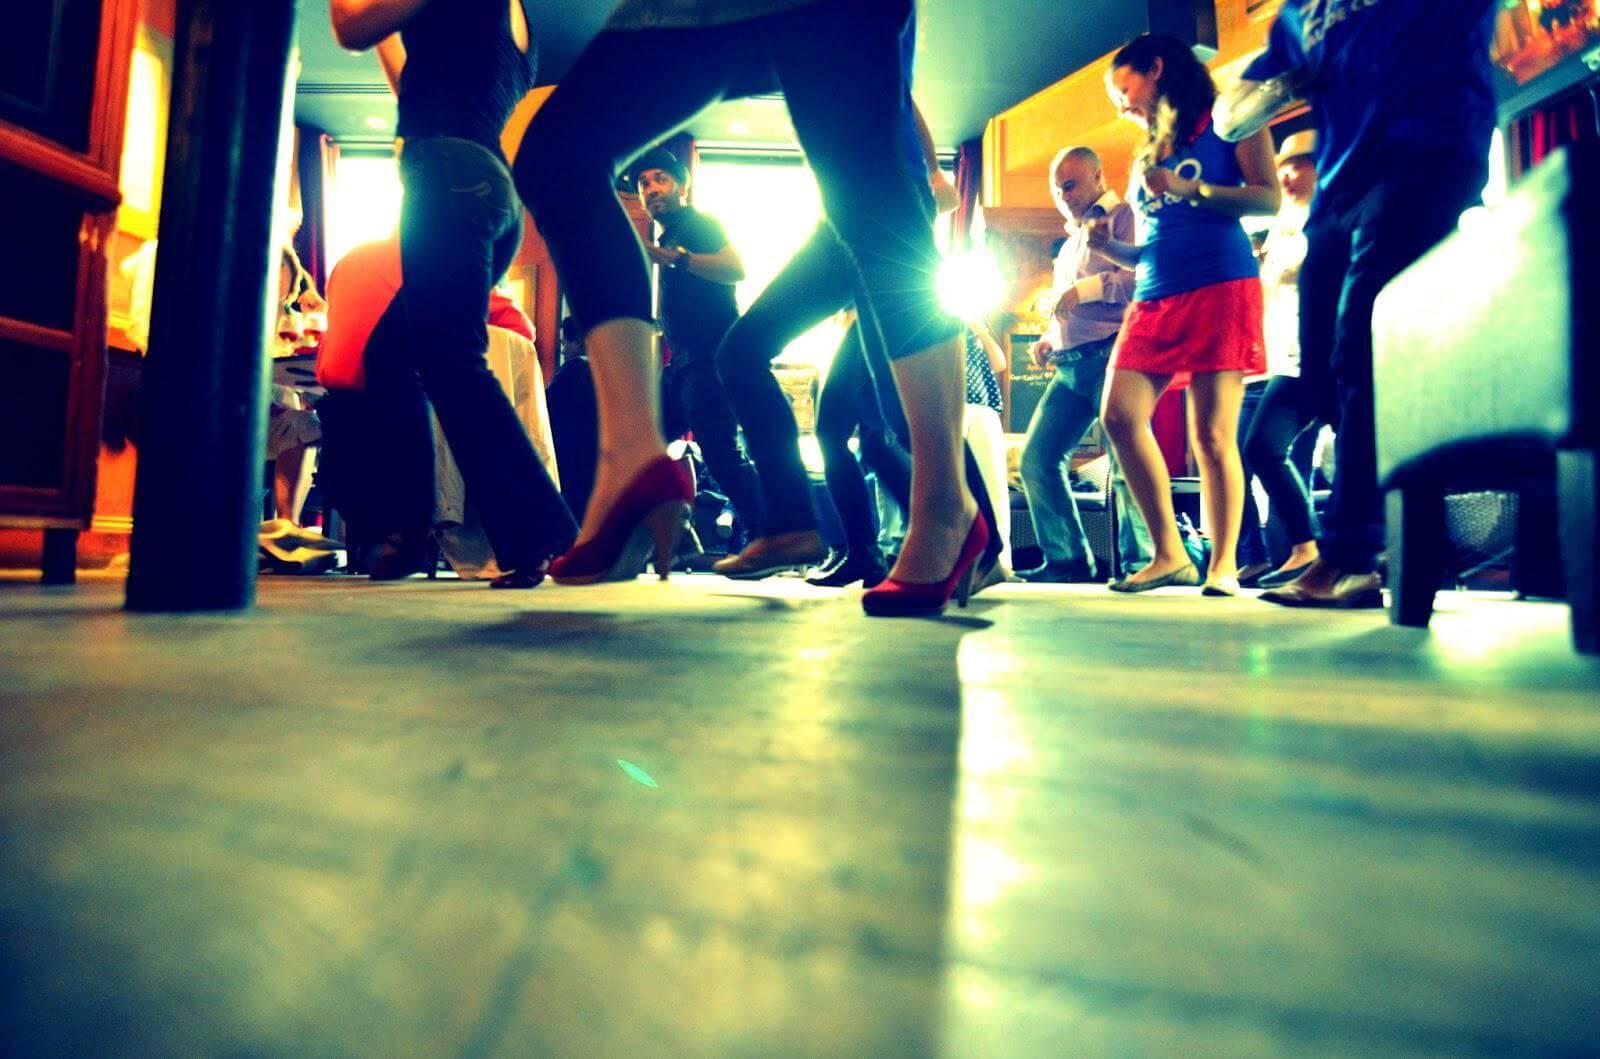 ¿Qué pasa en nuestro cerebro cuando bailamos o escuchamos música?